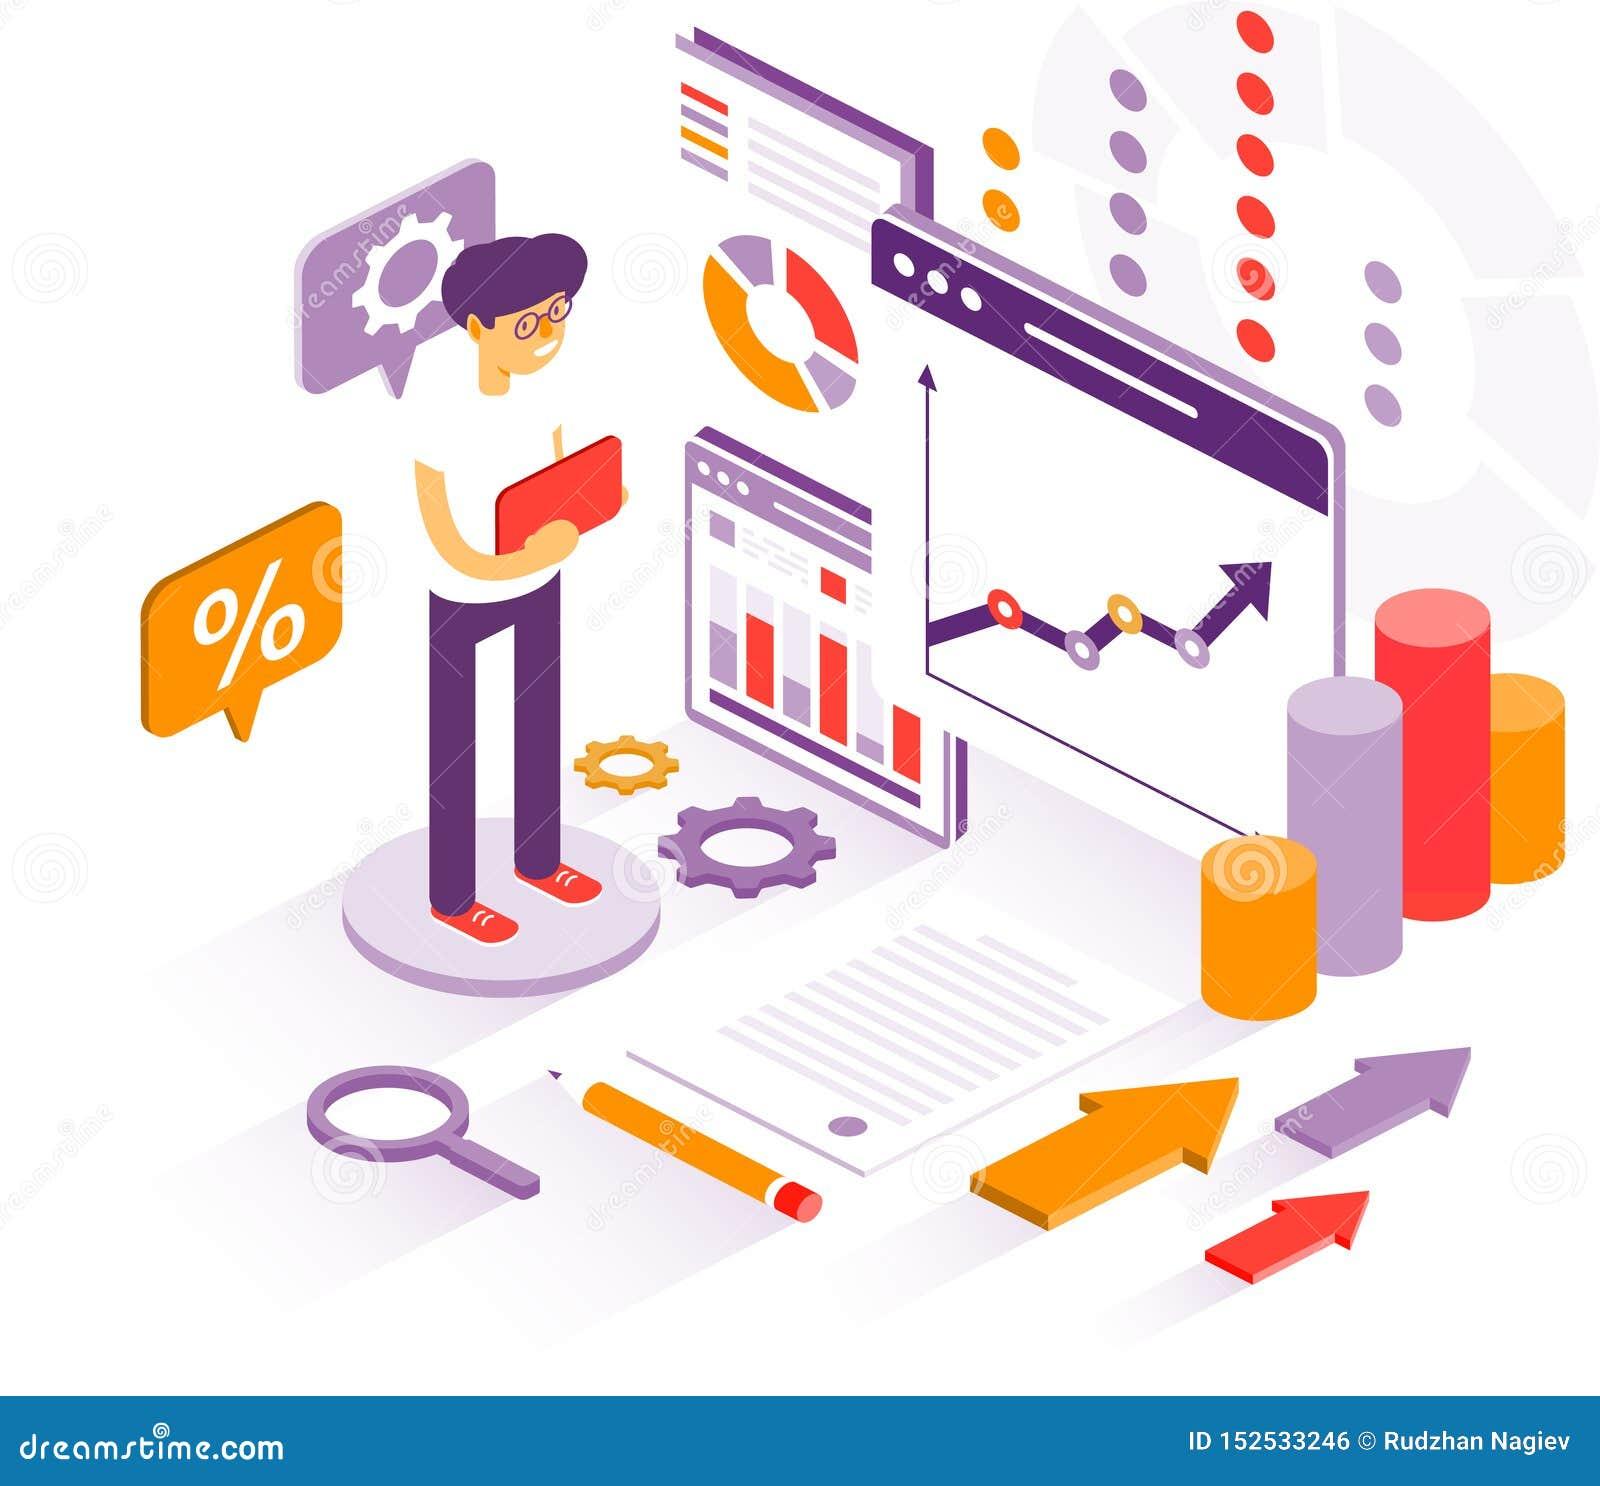 Ο επιχειρηματίας μελετά τις γραφικές παραστάσεις για τη ετήσια έκθεση Ο επιχειρηματίας μελετά τις γραφικές παραστάσεις